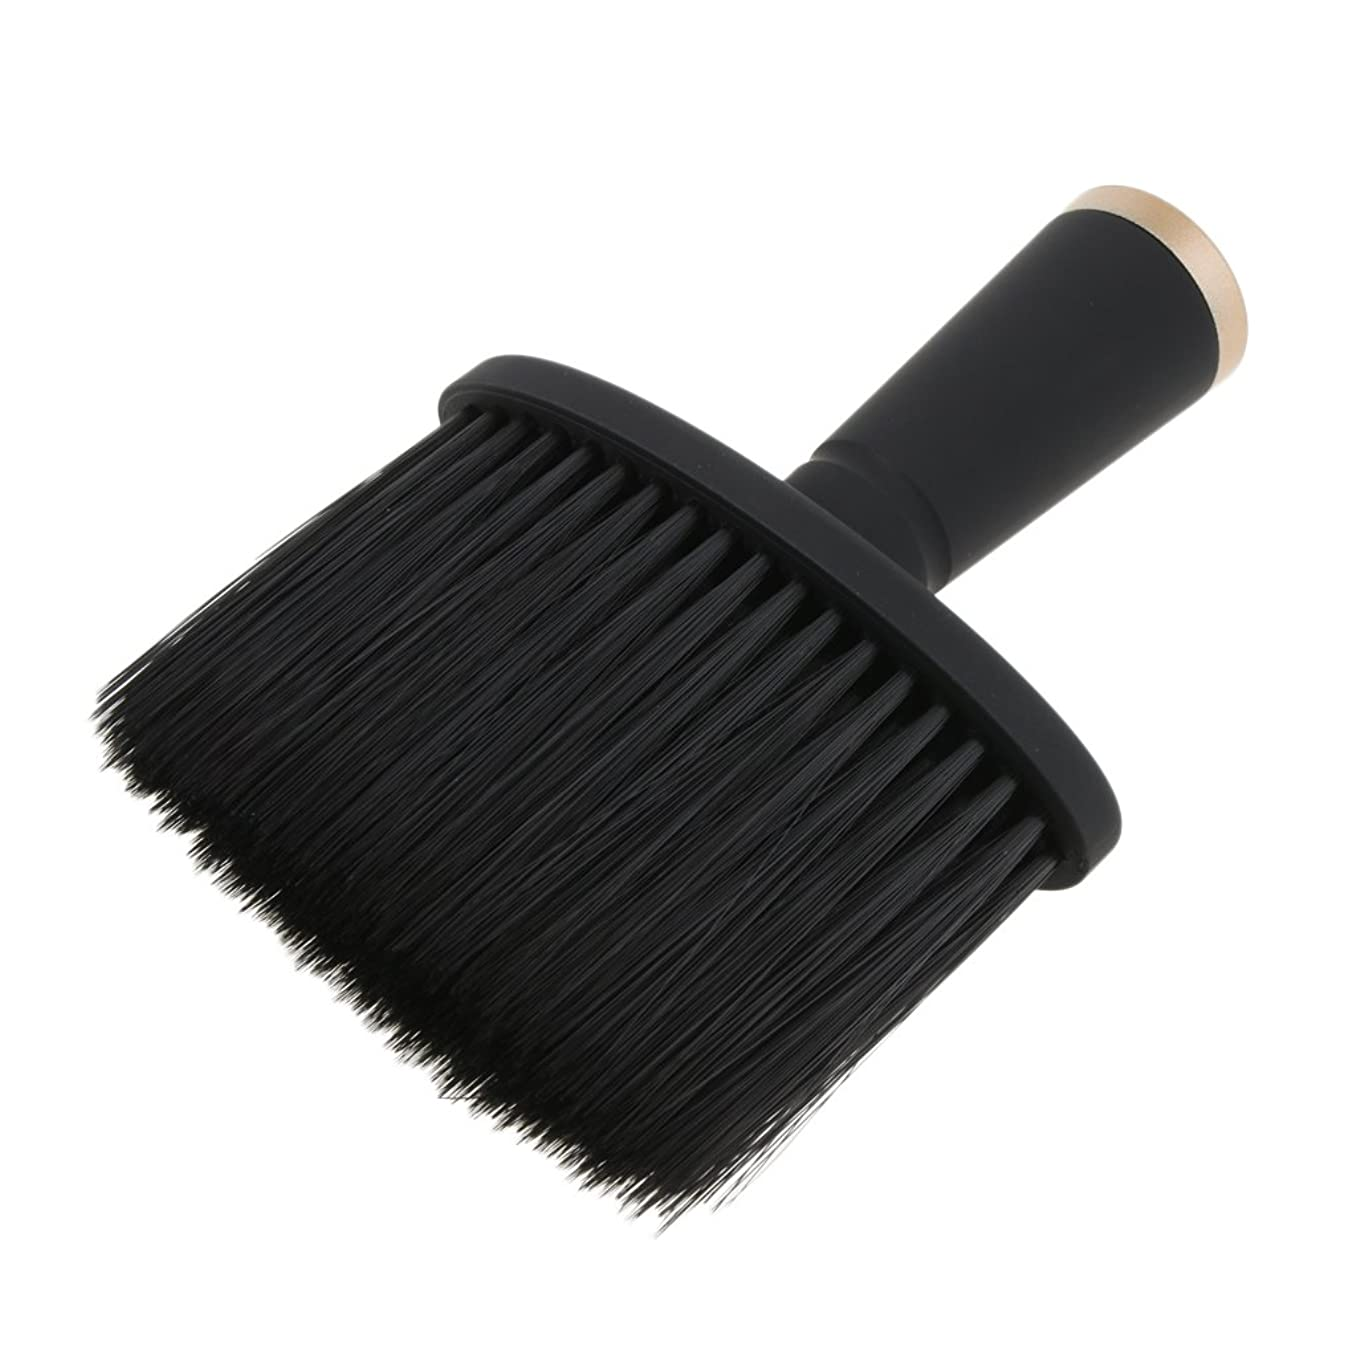 毒液郵便屋さん抜本的なFenteer ネックダスターブラシ ヘアカット ヘアブラシ ヘアスタイリスト 理髪 高品質 合成繊維+プラスチック 全2色 - ゴールド